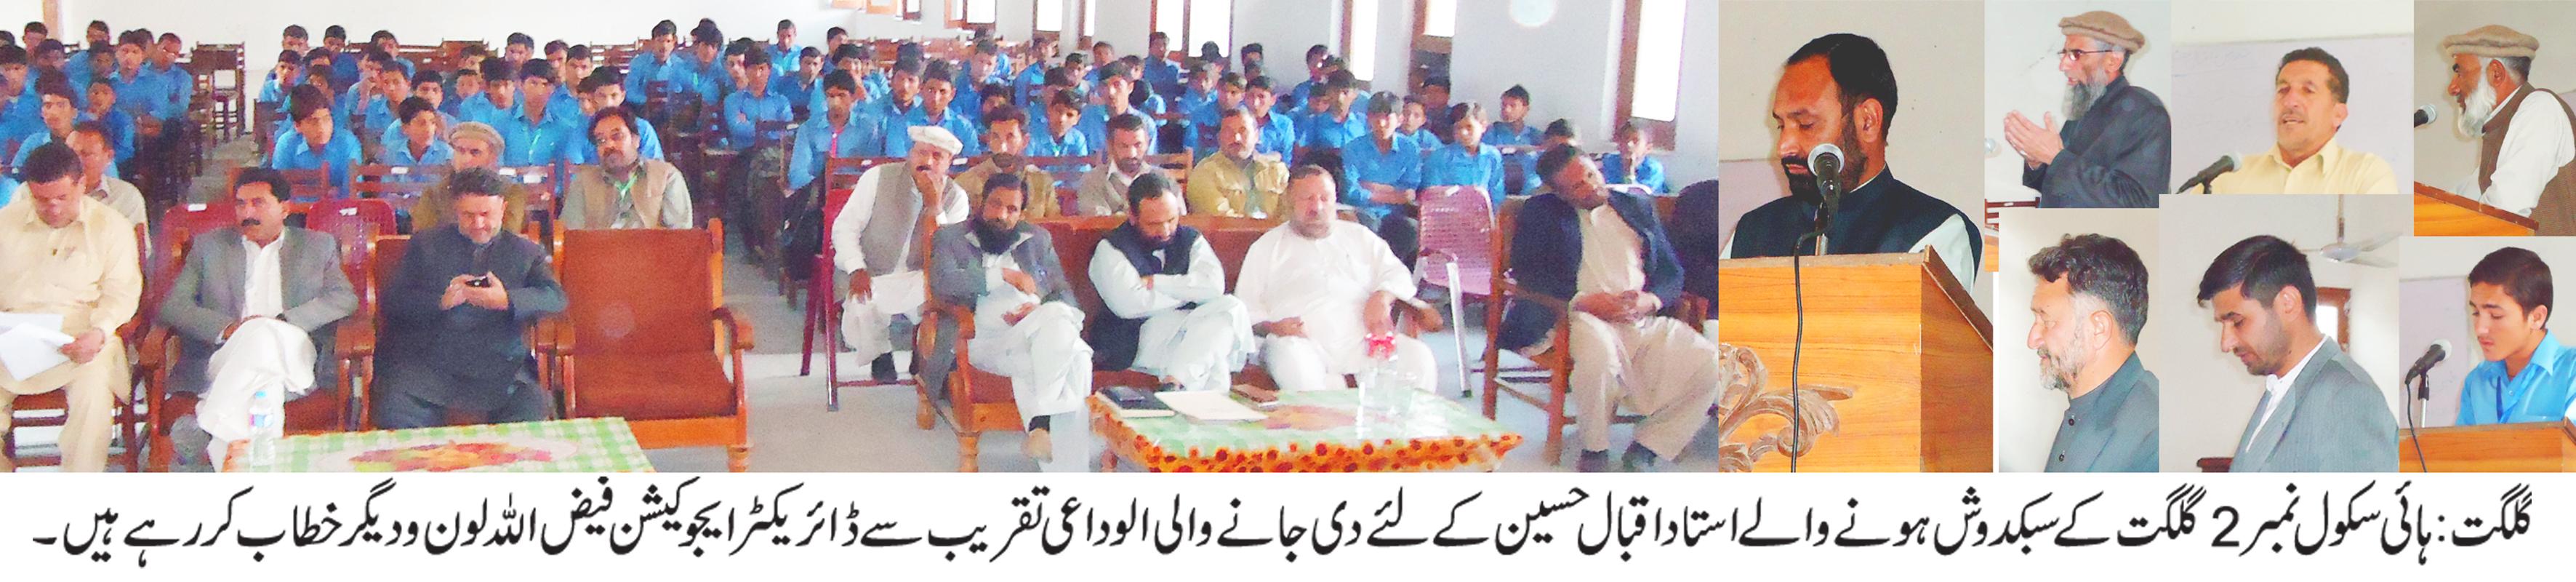 سبکدوش ہونے والے معلم اقبال حسین کے اعزاز میں تقریب منعقد